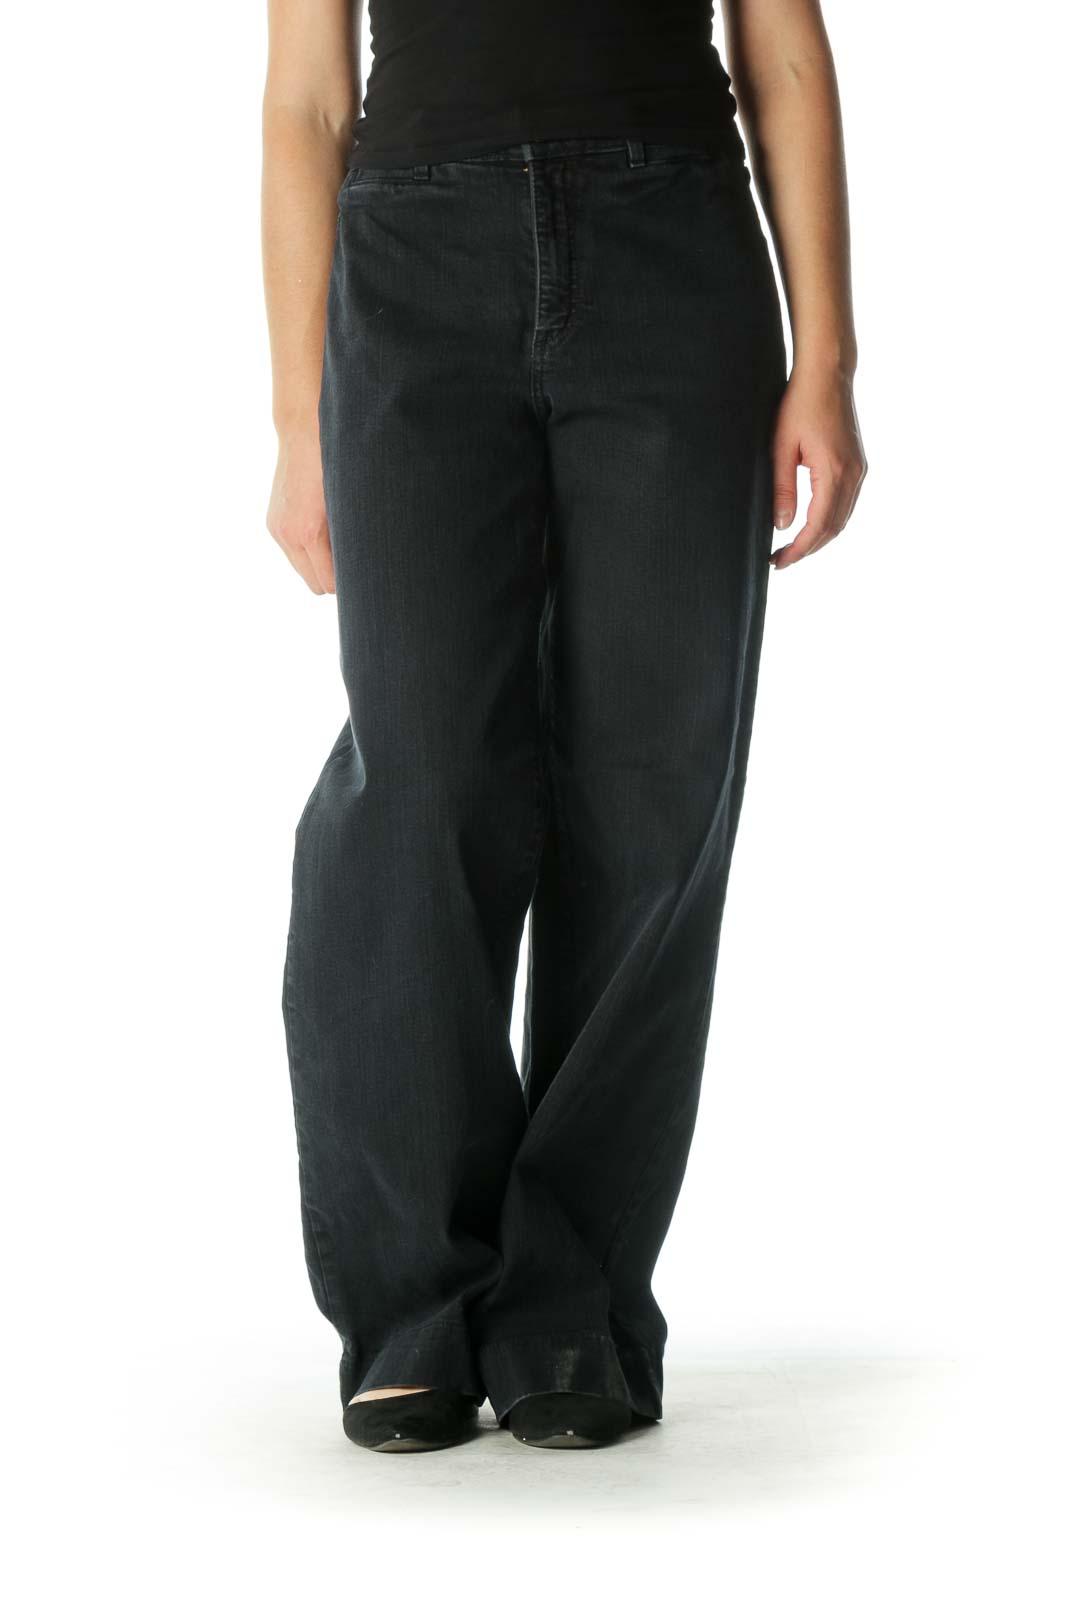 Black Wide-Leg Jeans Front